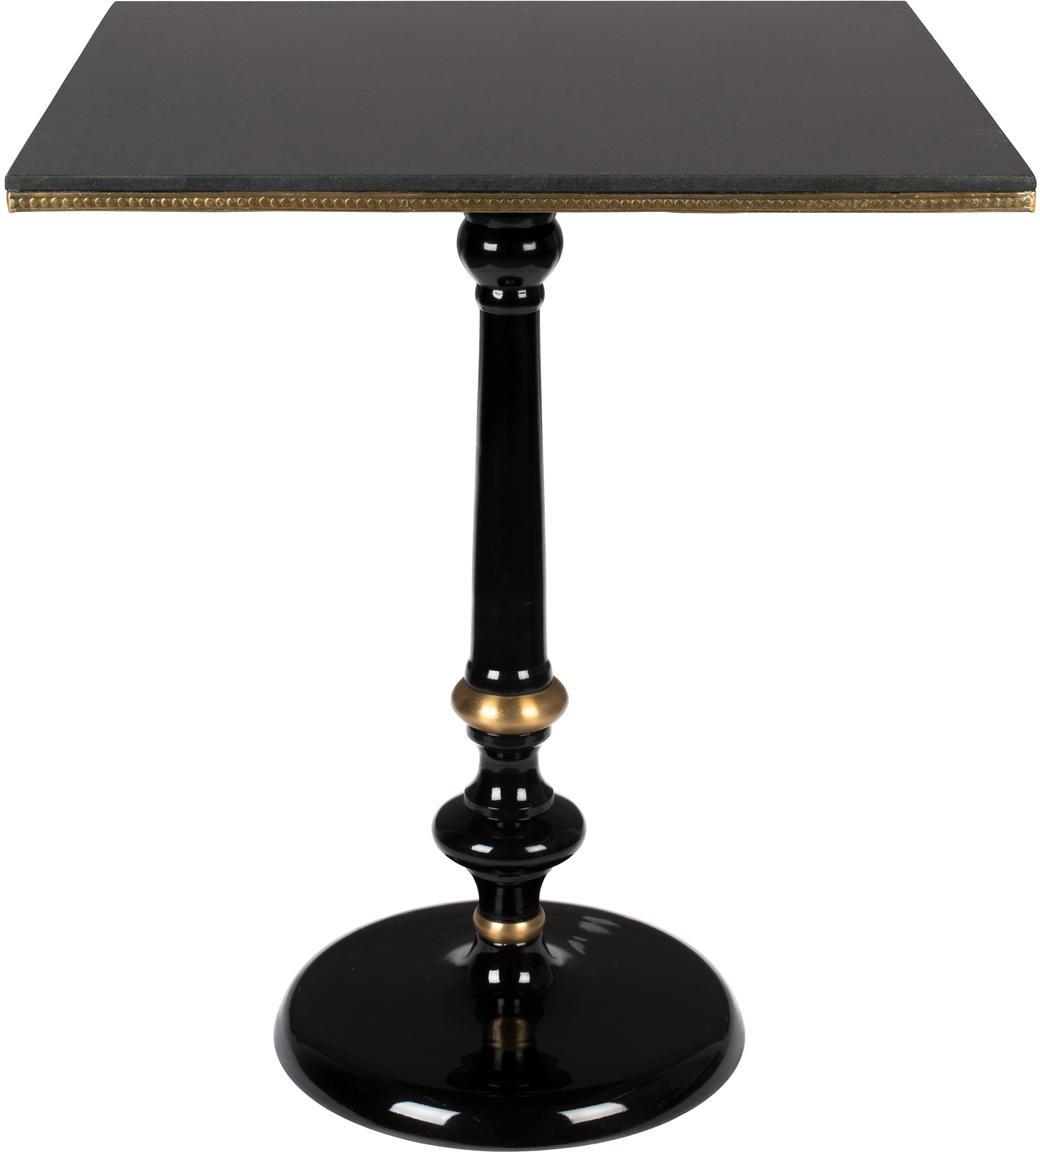 Granitstein-Esstisch Own The Glow, Tischplatte: Granitstein, Schwarz, Goldfarben, 65 x 76 cm